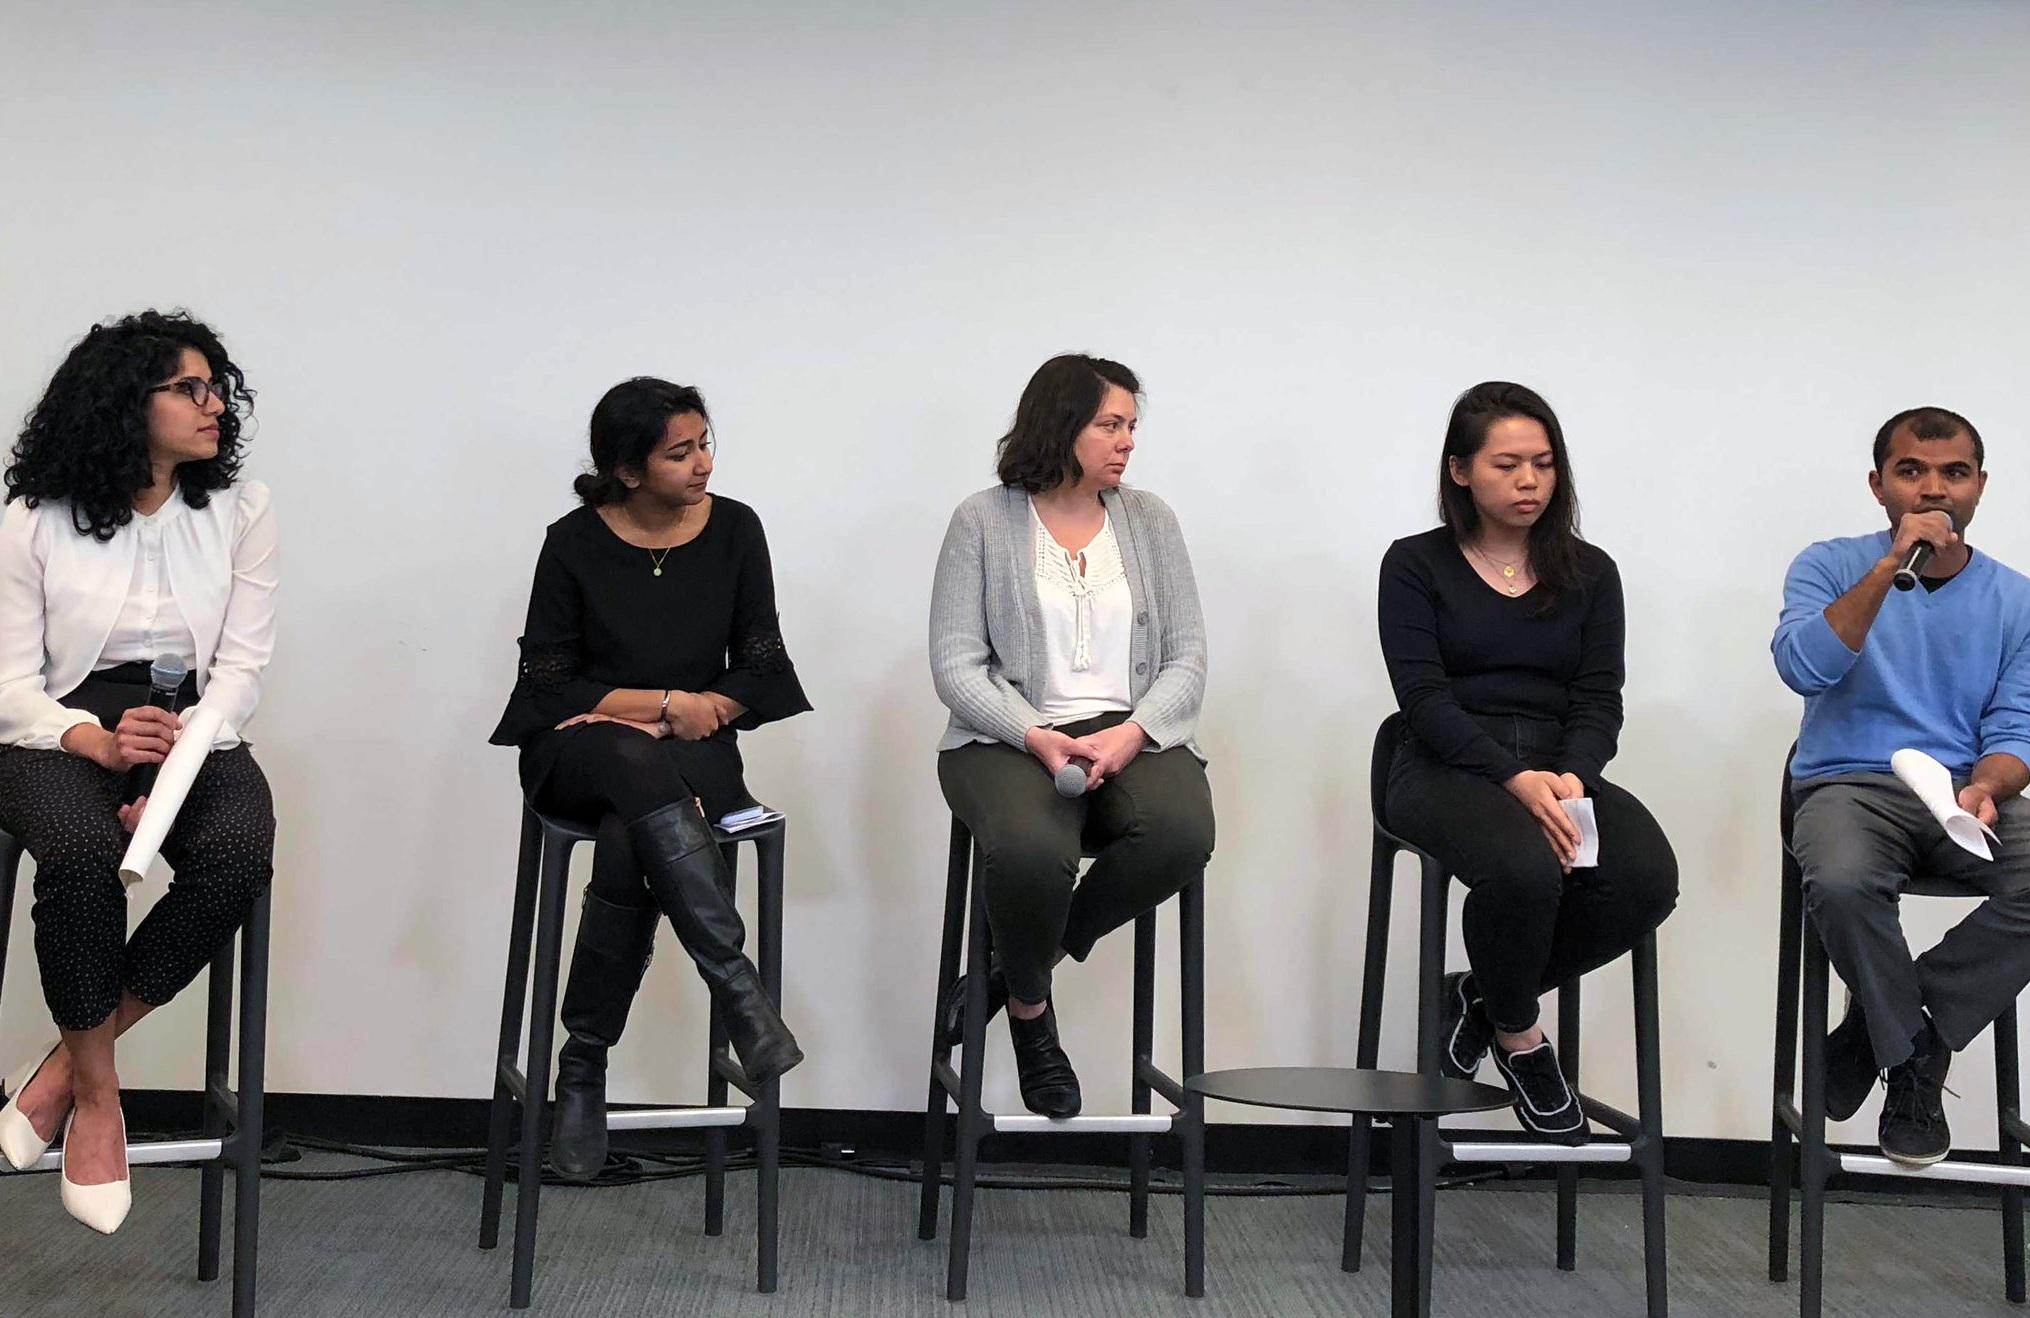 From left: Chaithra Rao (Senior Manager of Test Engineering), Medha Imam (Associate Producer), Margaret Bowani (VP of Talent), Sam Lee (Senior Graphic Designer), Paulas Bhatt (Director of Program Management)